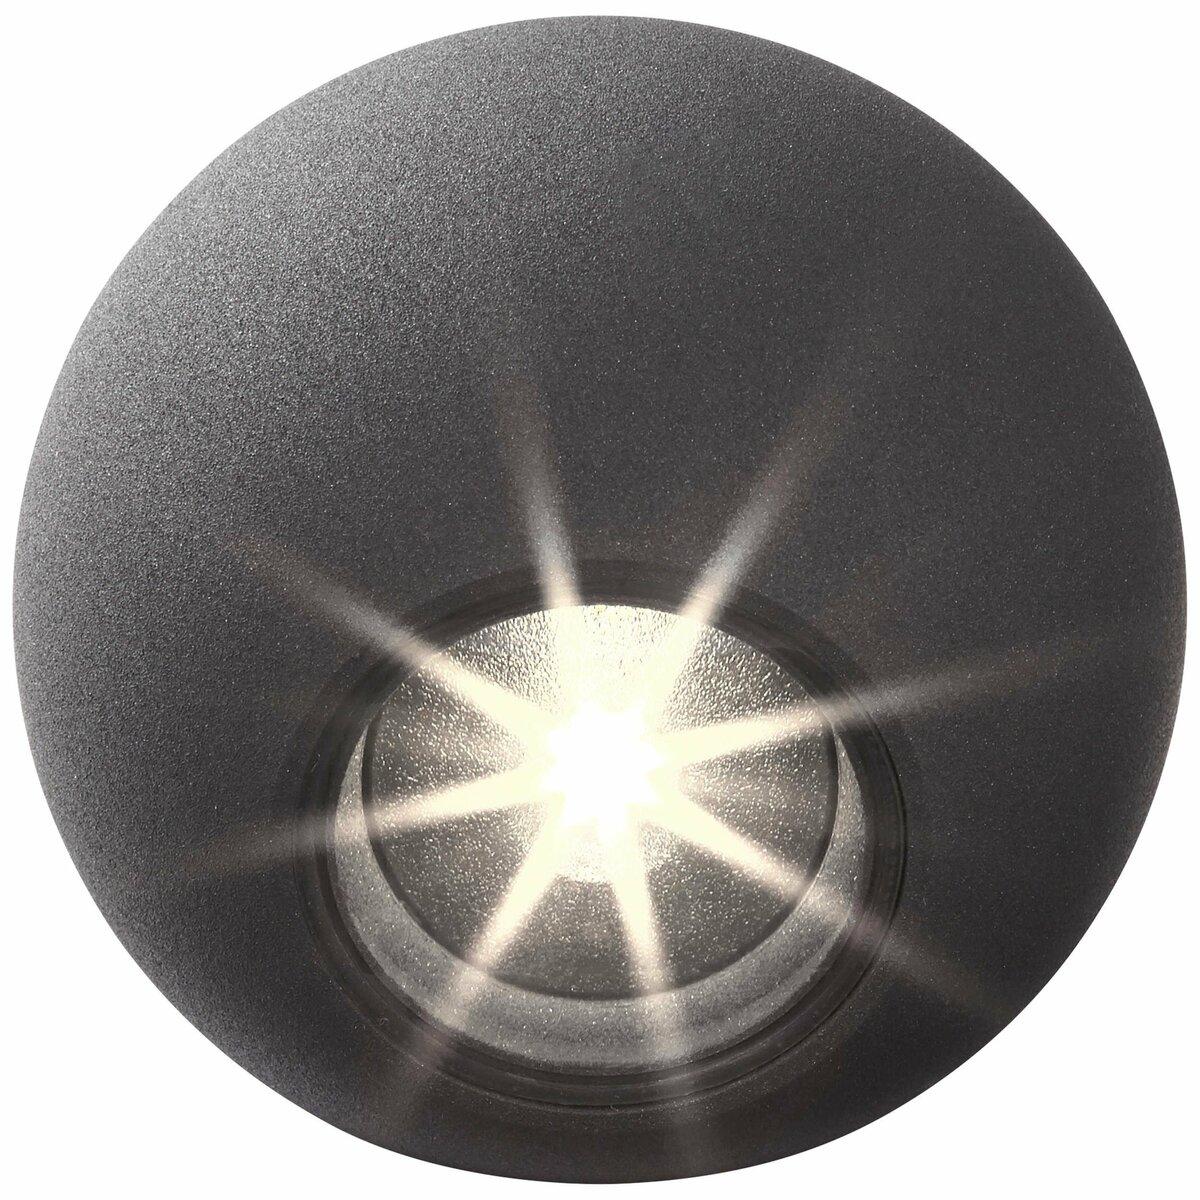 Bild 2 von AEG LED-Außenwandleuchte   Gus